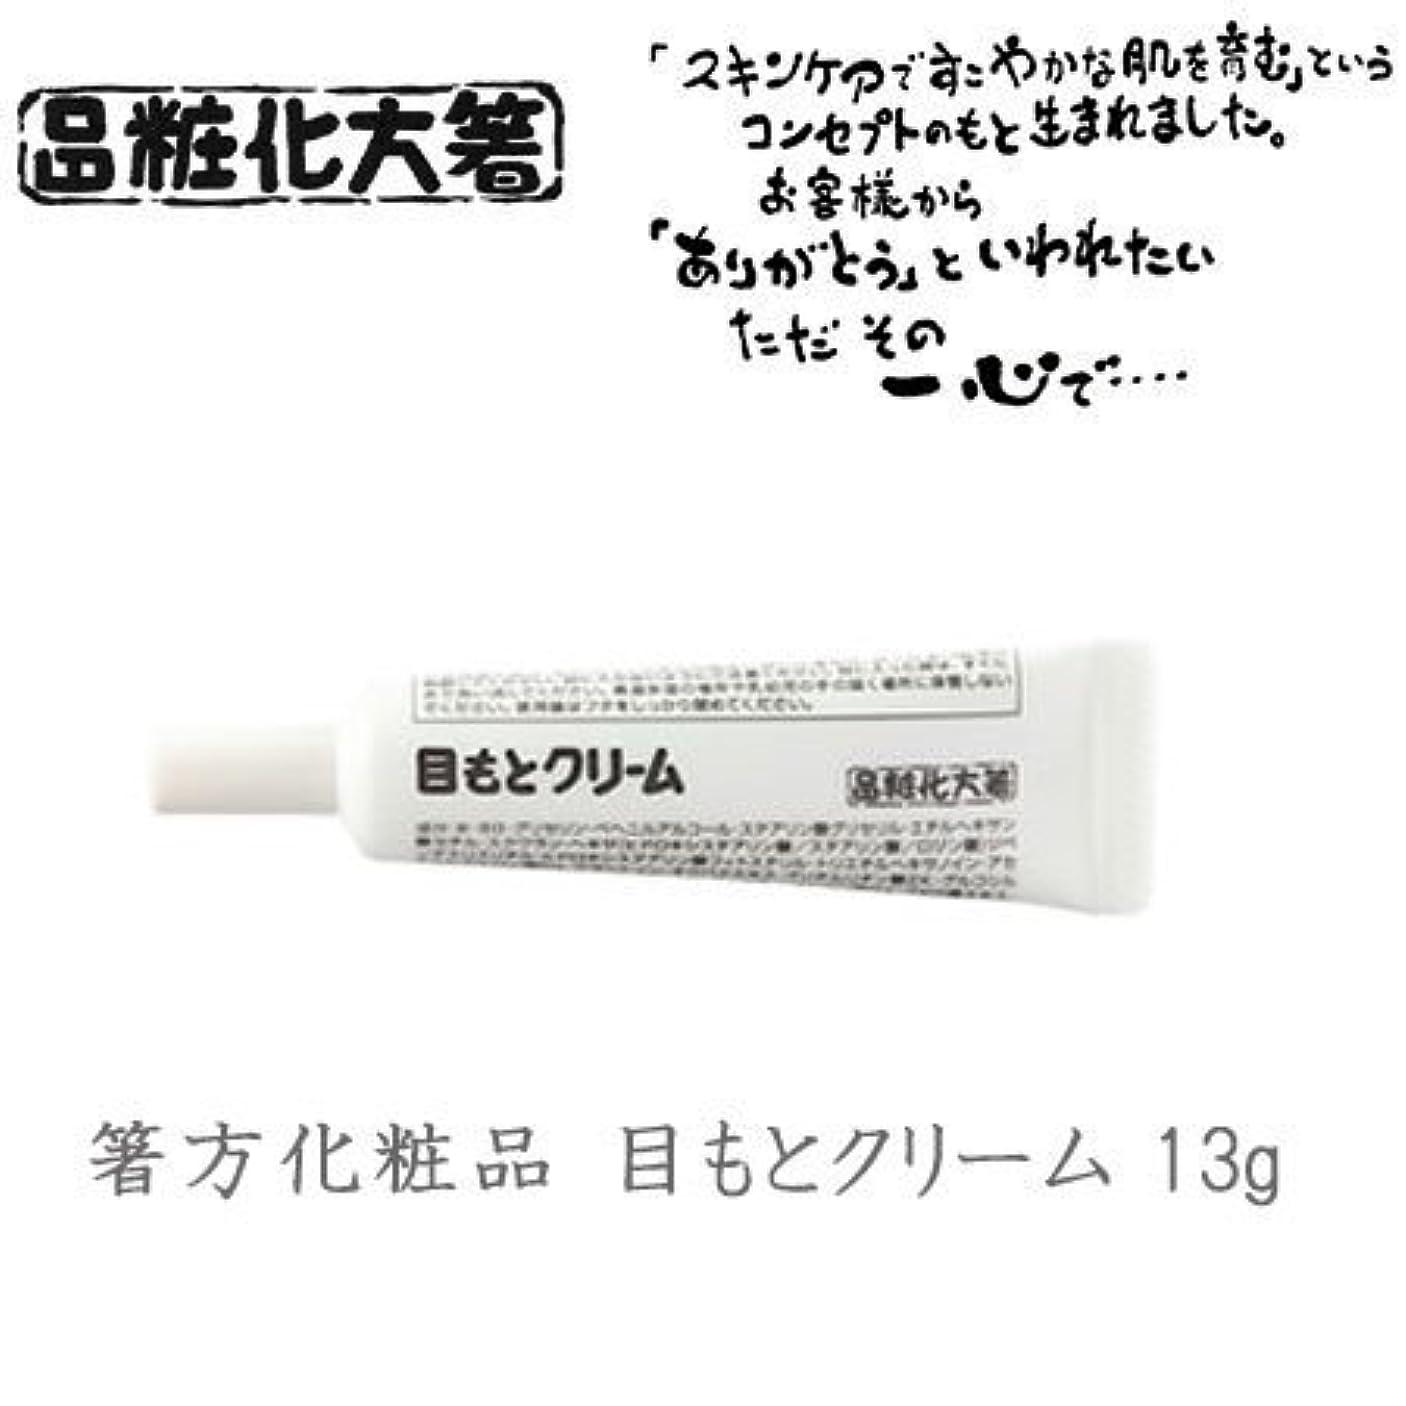 時代遅れ計画的レンズ箸方化粧品 目もとクリーム 13g はしかた化粧品